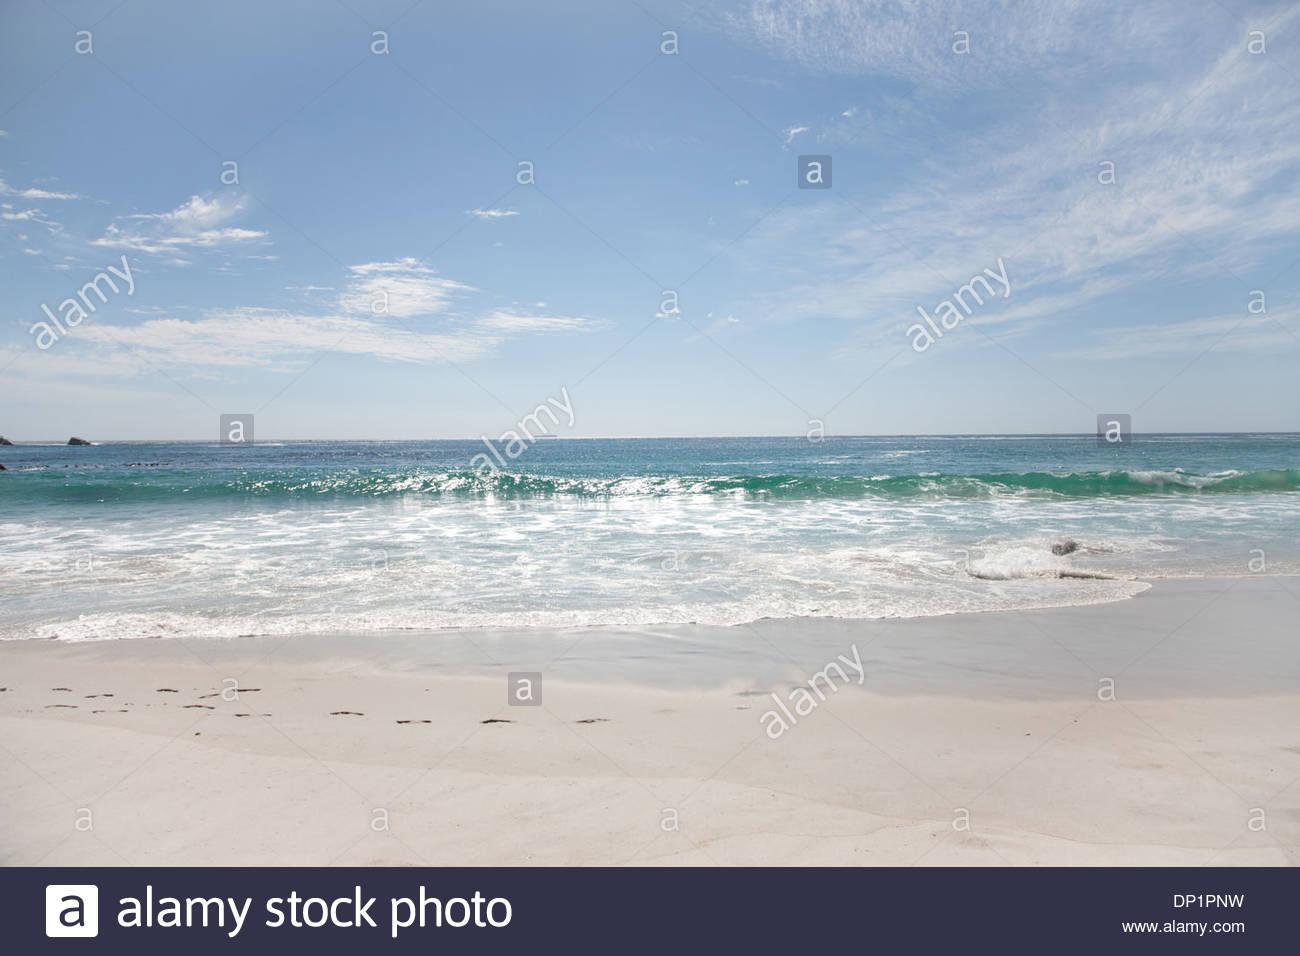 Surfen am Strand Stockbild